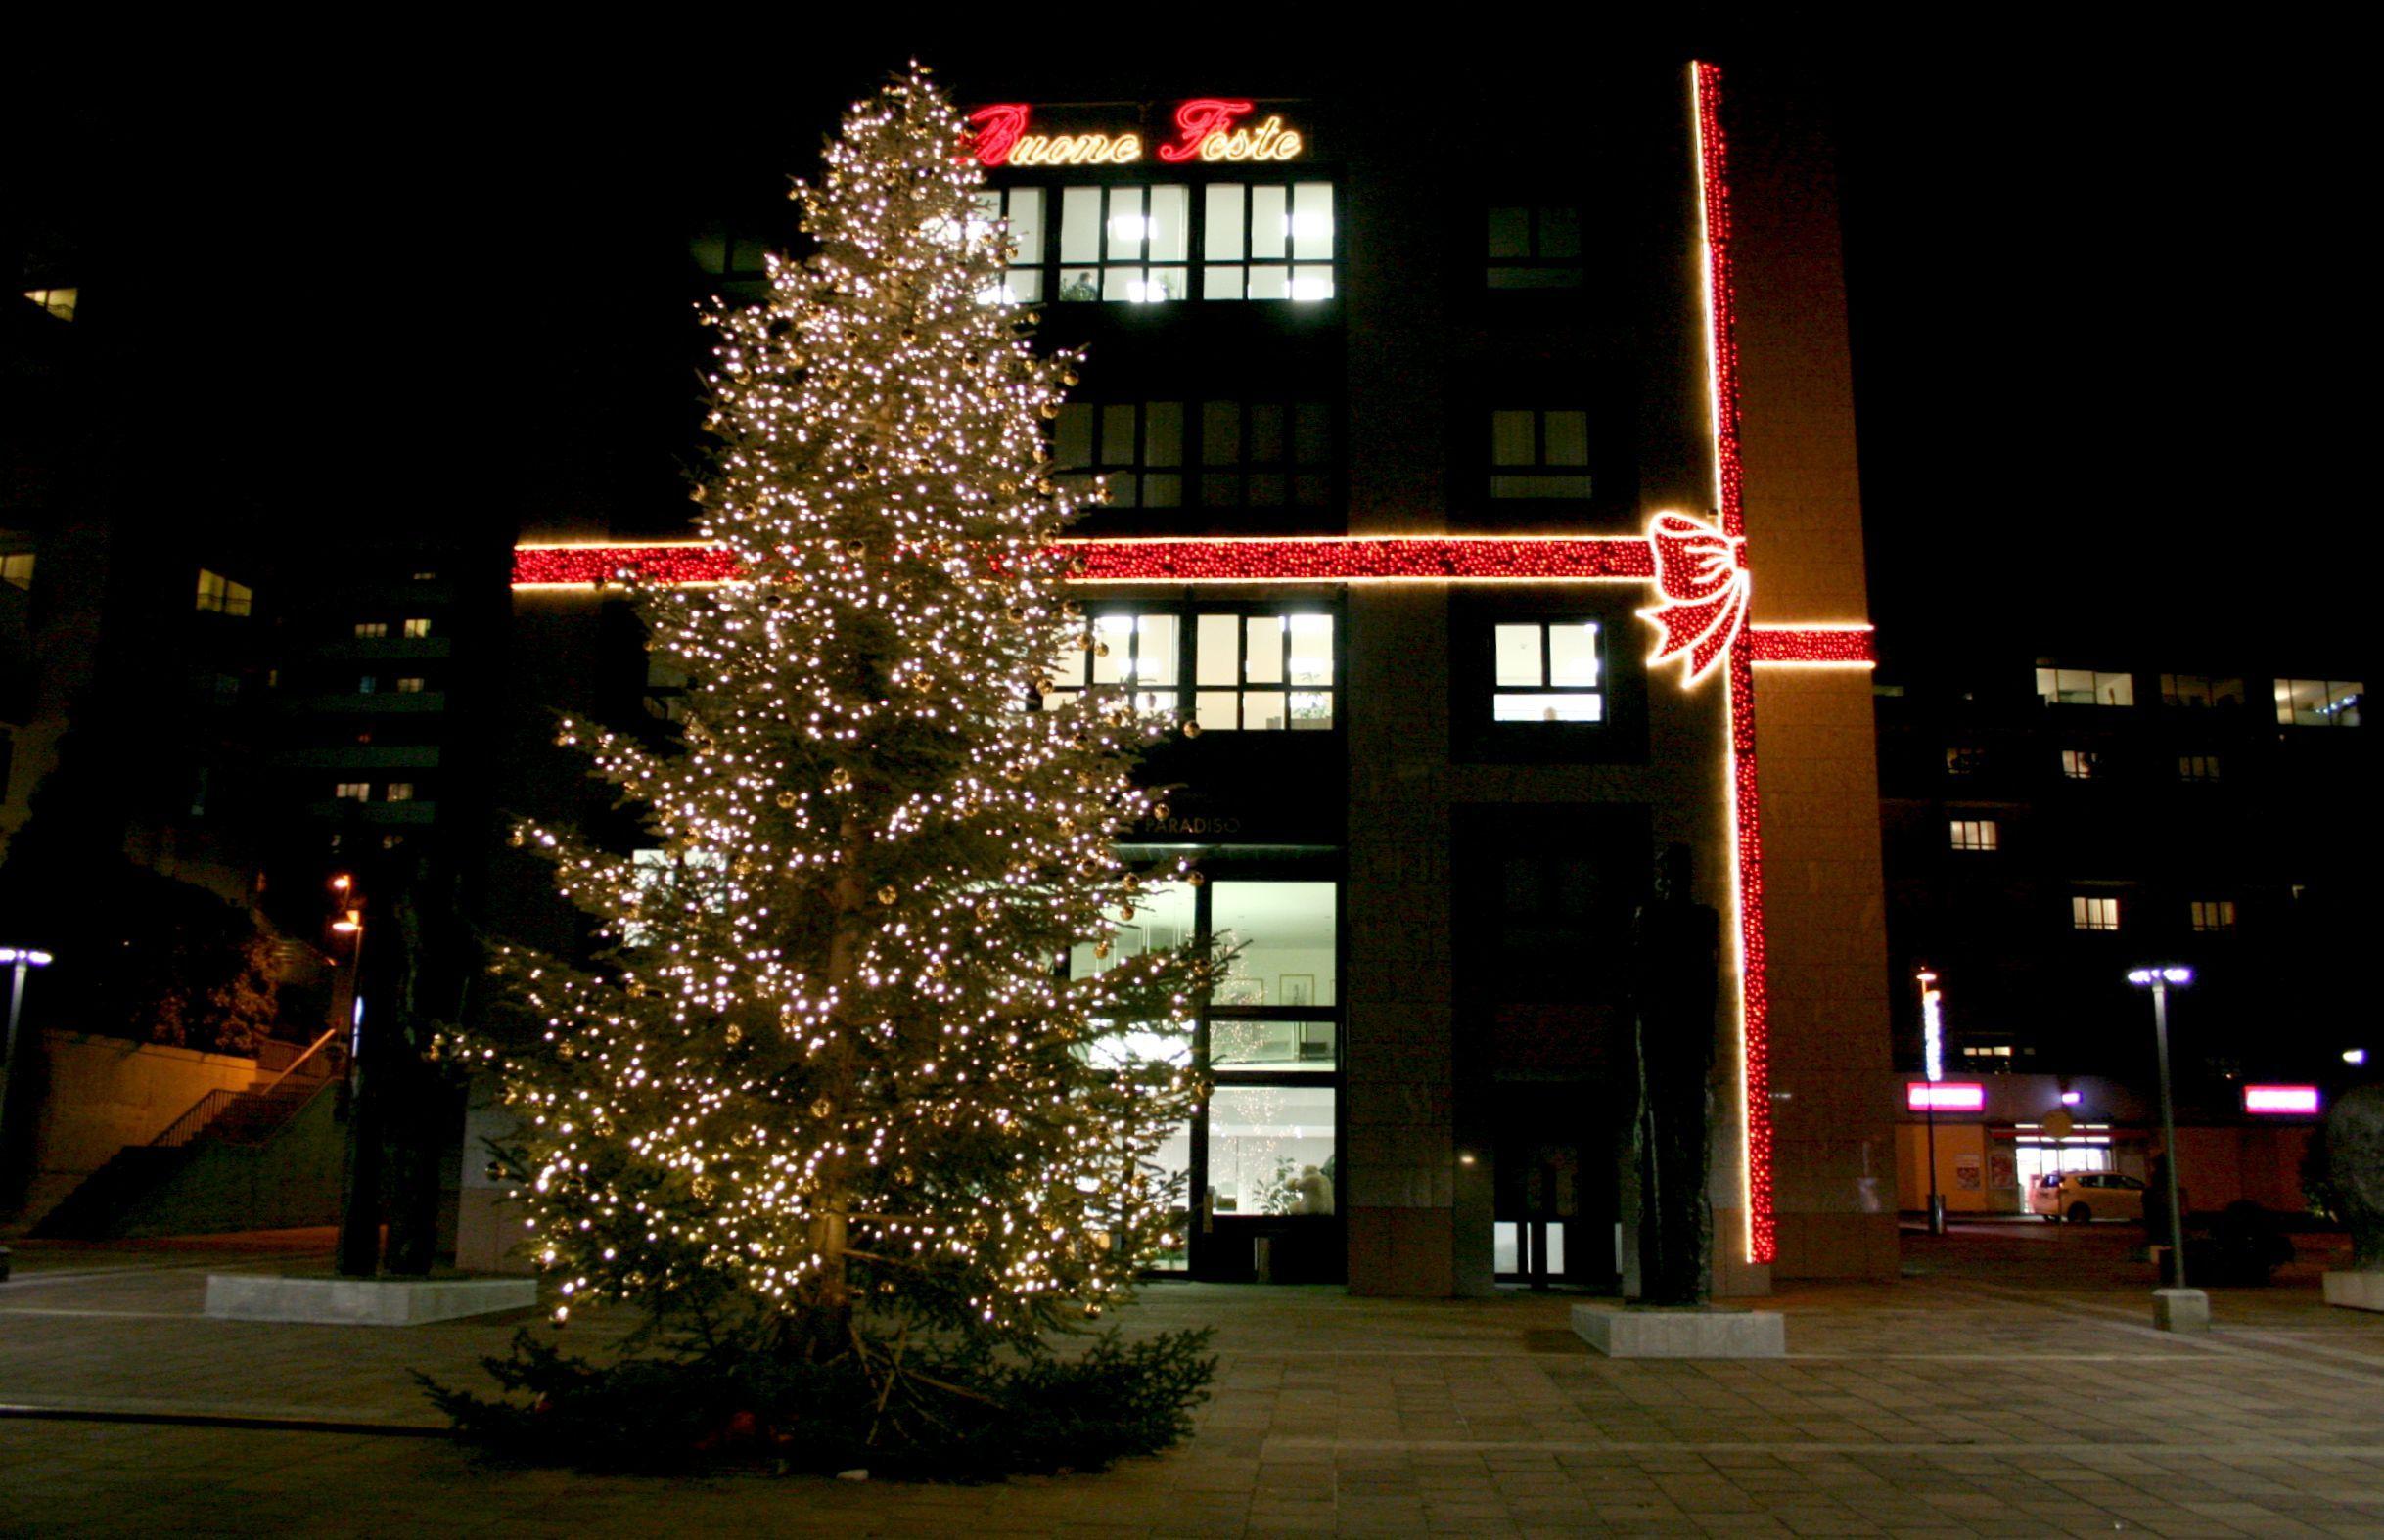 30 novembre: Accensione albero di Natale